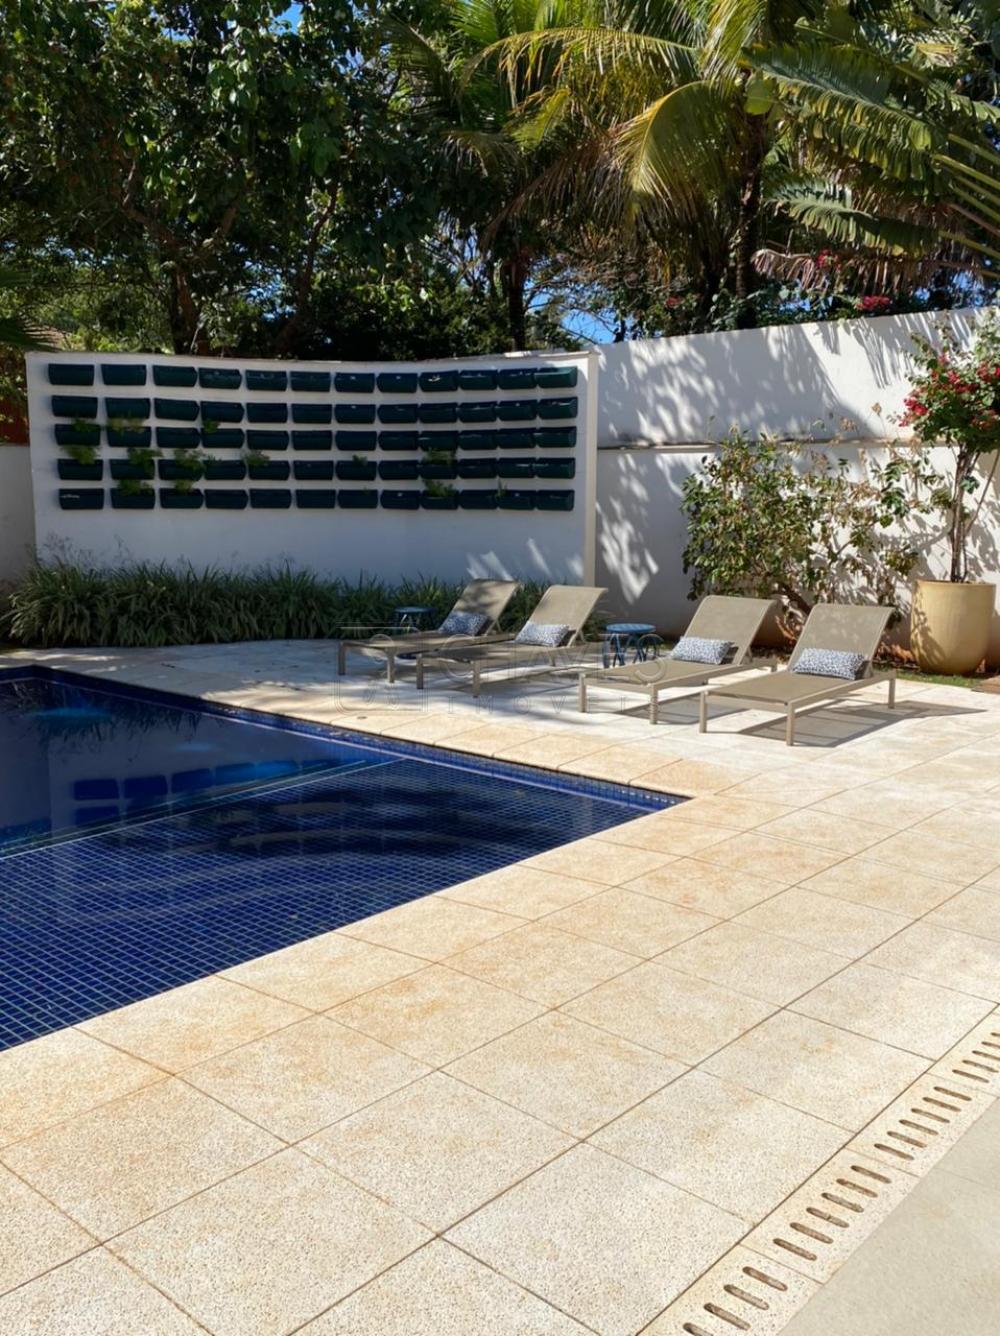 Comprar Casa / Condomínio em Ribeirão Preto R$ 4.900.000,00 - Foto 3